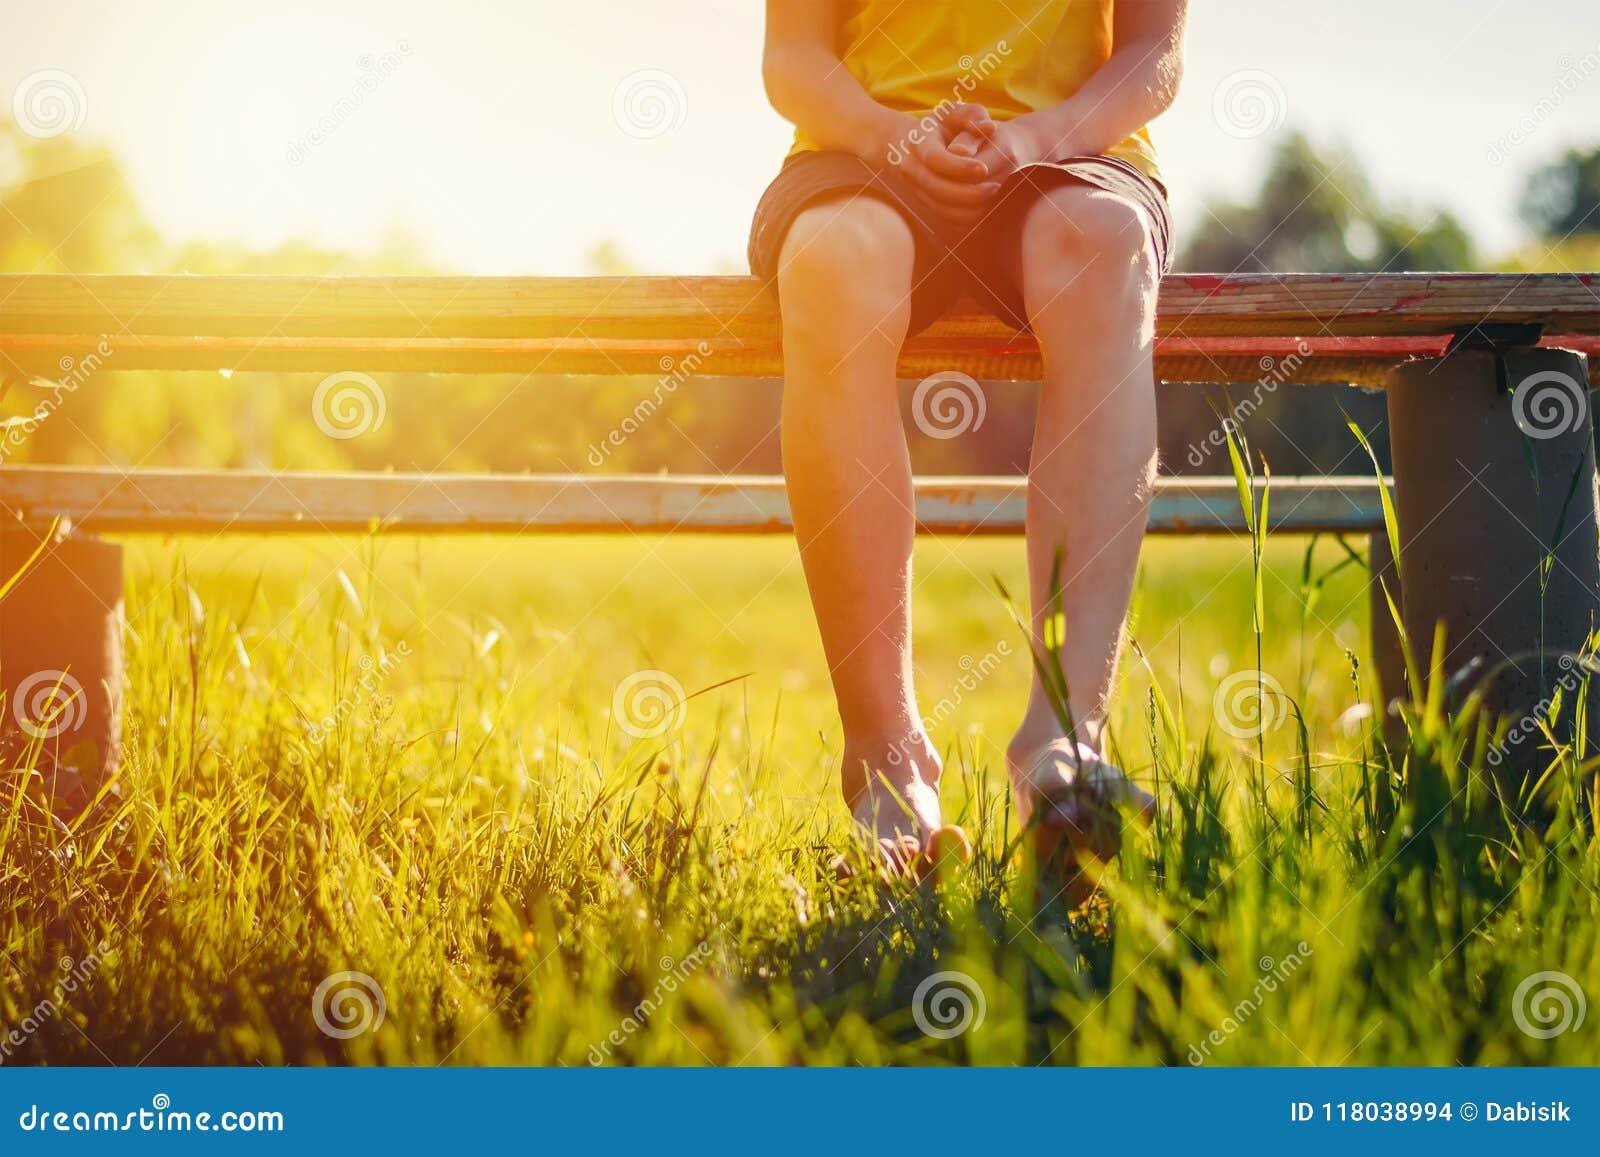 Bloße Füße eines Jungen hängen unten von einer Bank